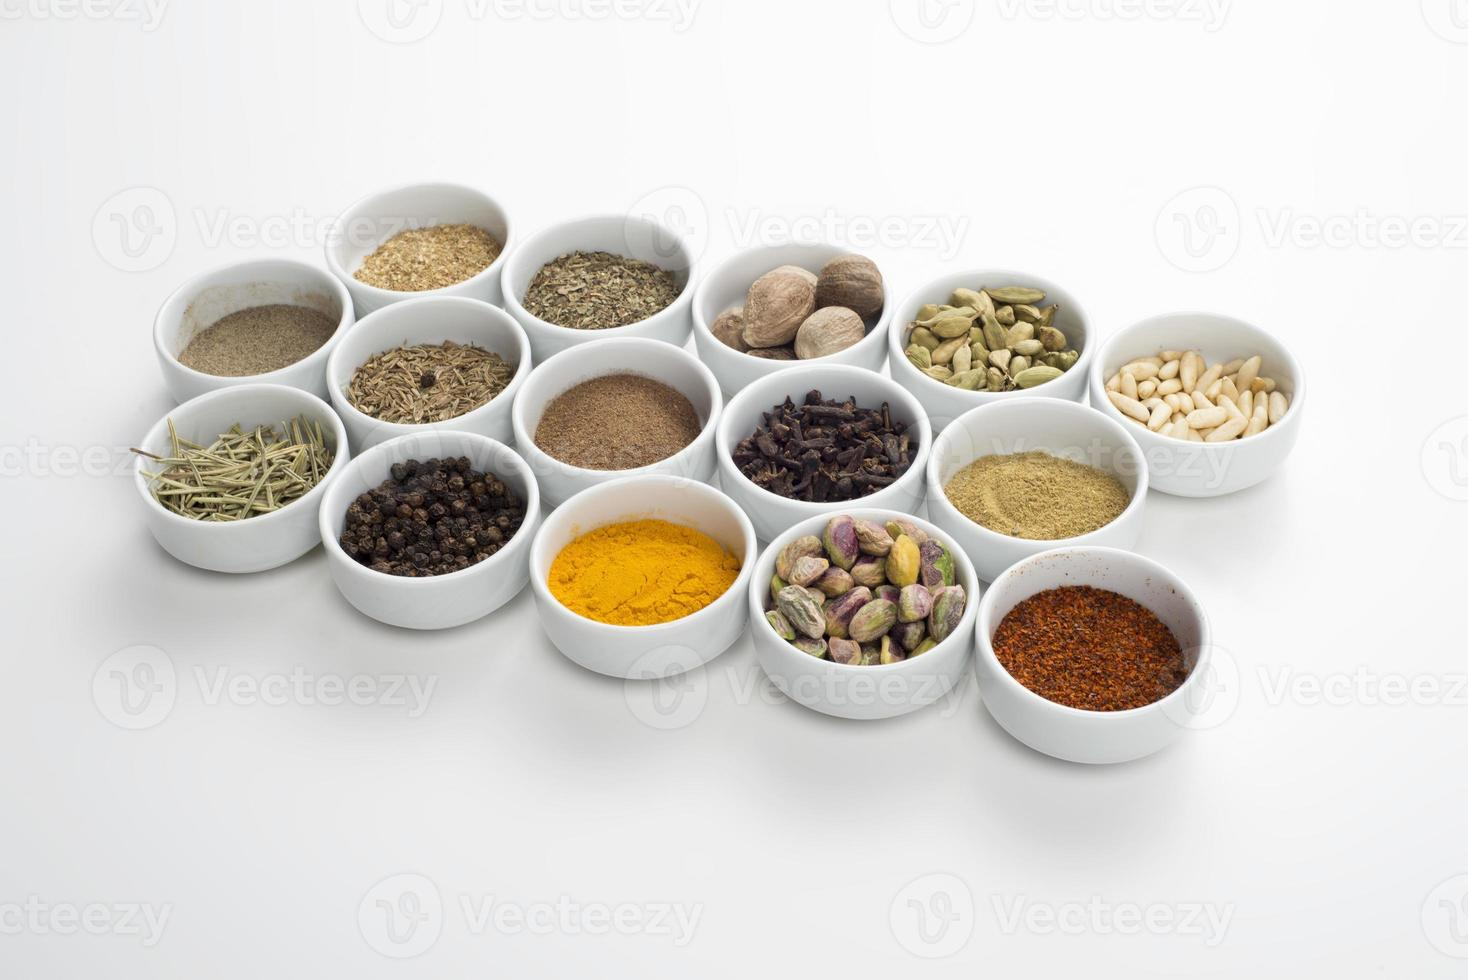 stor samling av olika kryddor och örter isolerade foto